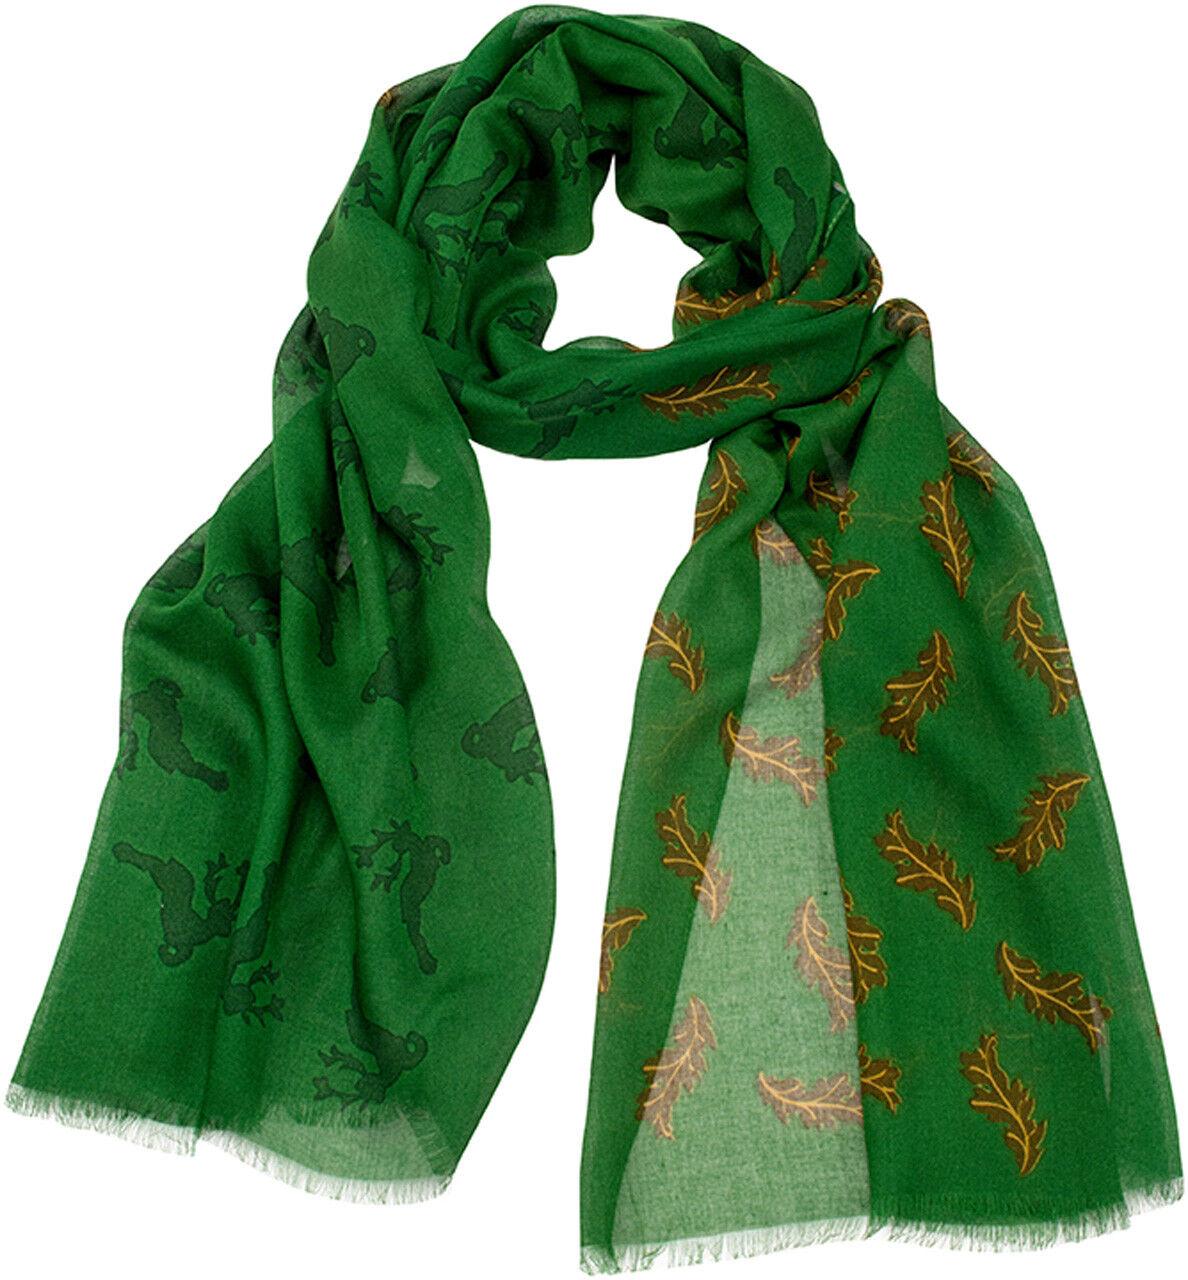 Trachtentuch Grün Braun Braun Braun Grün braun Dirndl 100% Modal scarf Hirsch stags   Die Qualität Und Die Verbraucher Zunächst    Clearance Sale    Perfekte Verarbeitung  bc0e4b